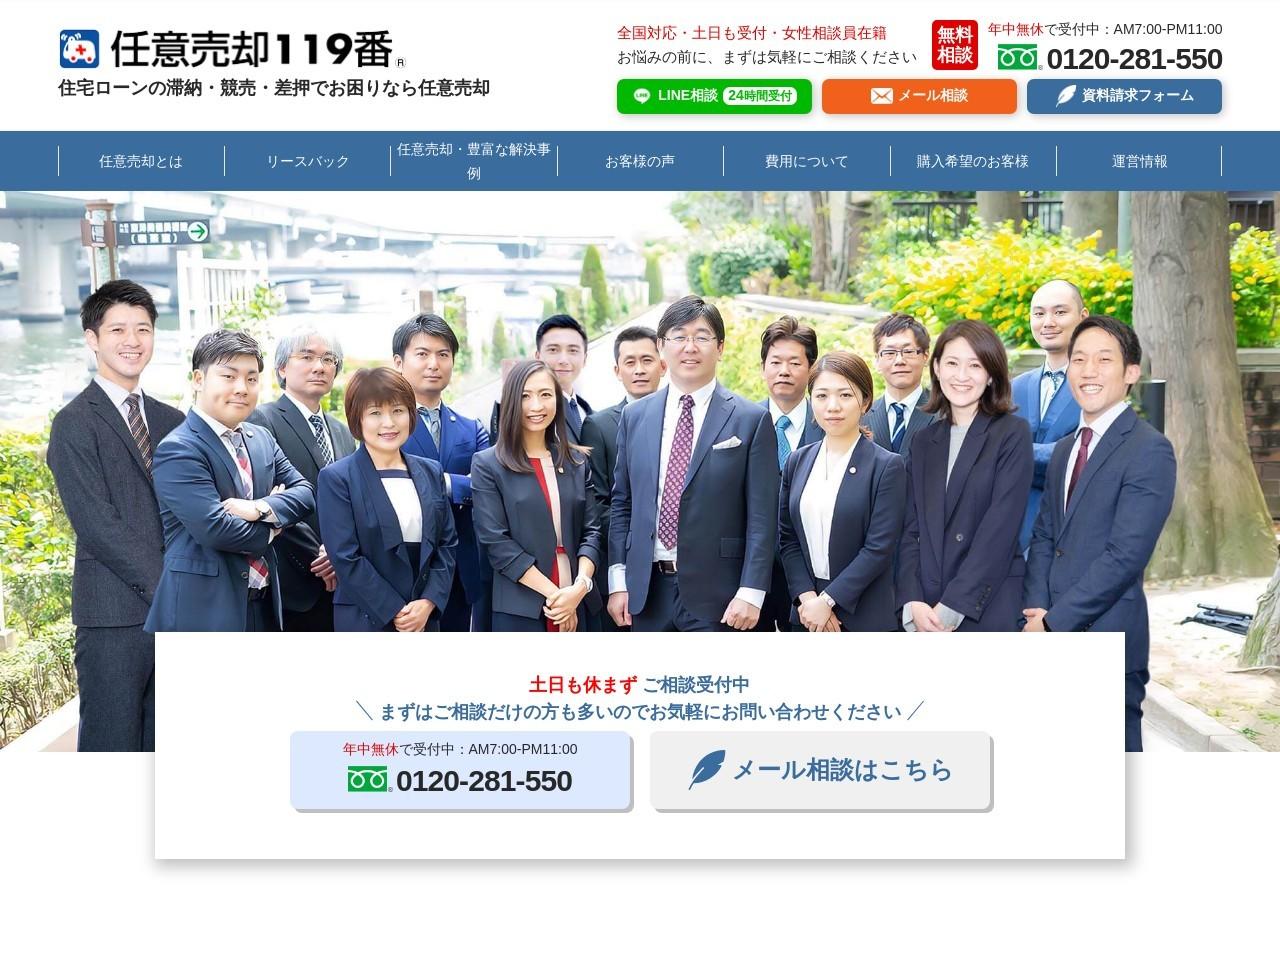 Screenshot of nini-baikyaku.biz